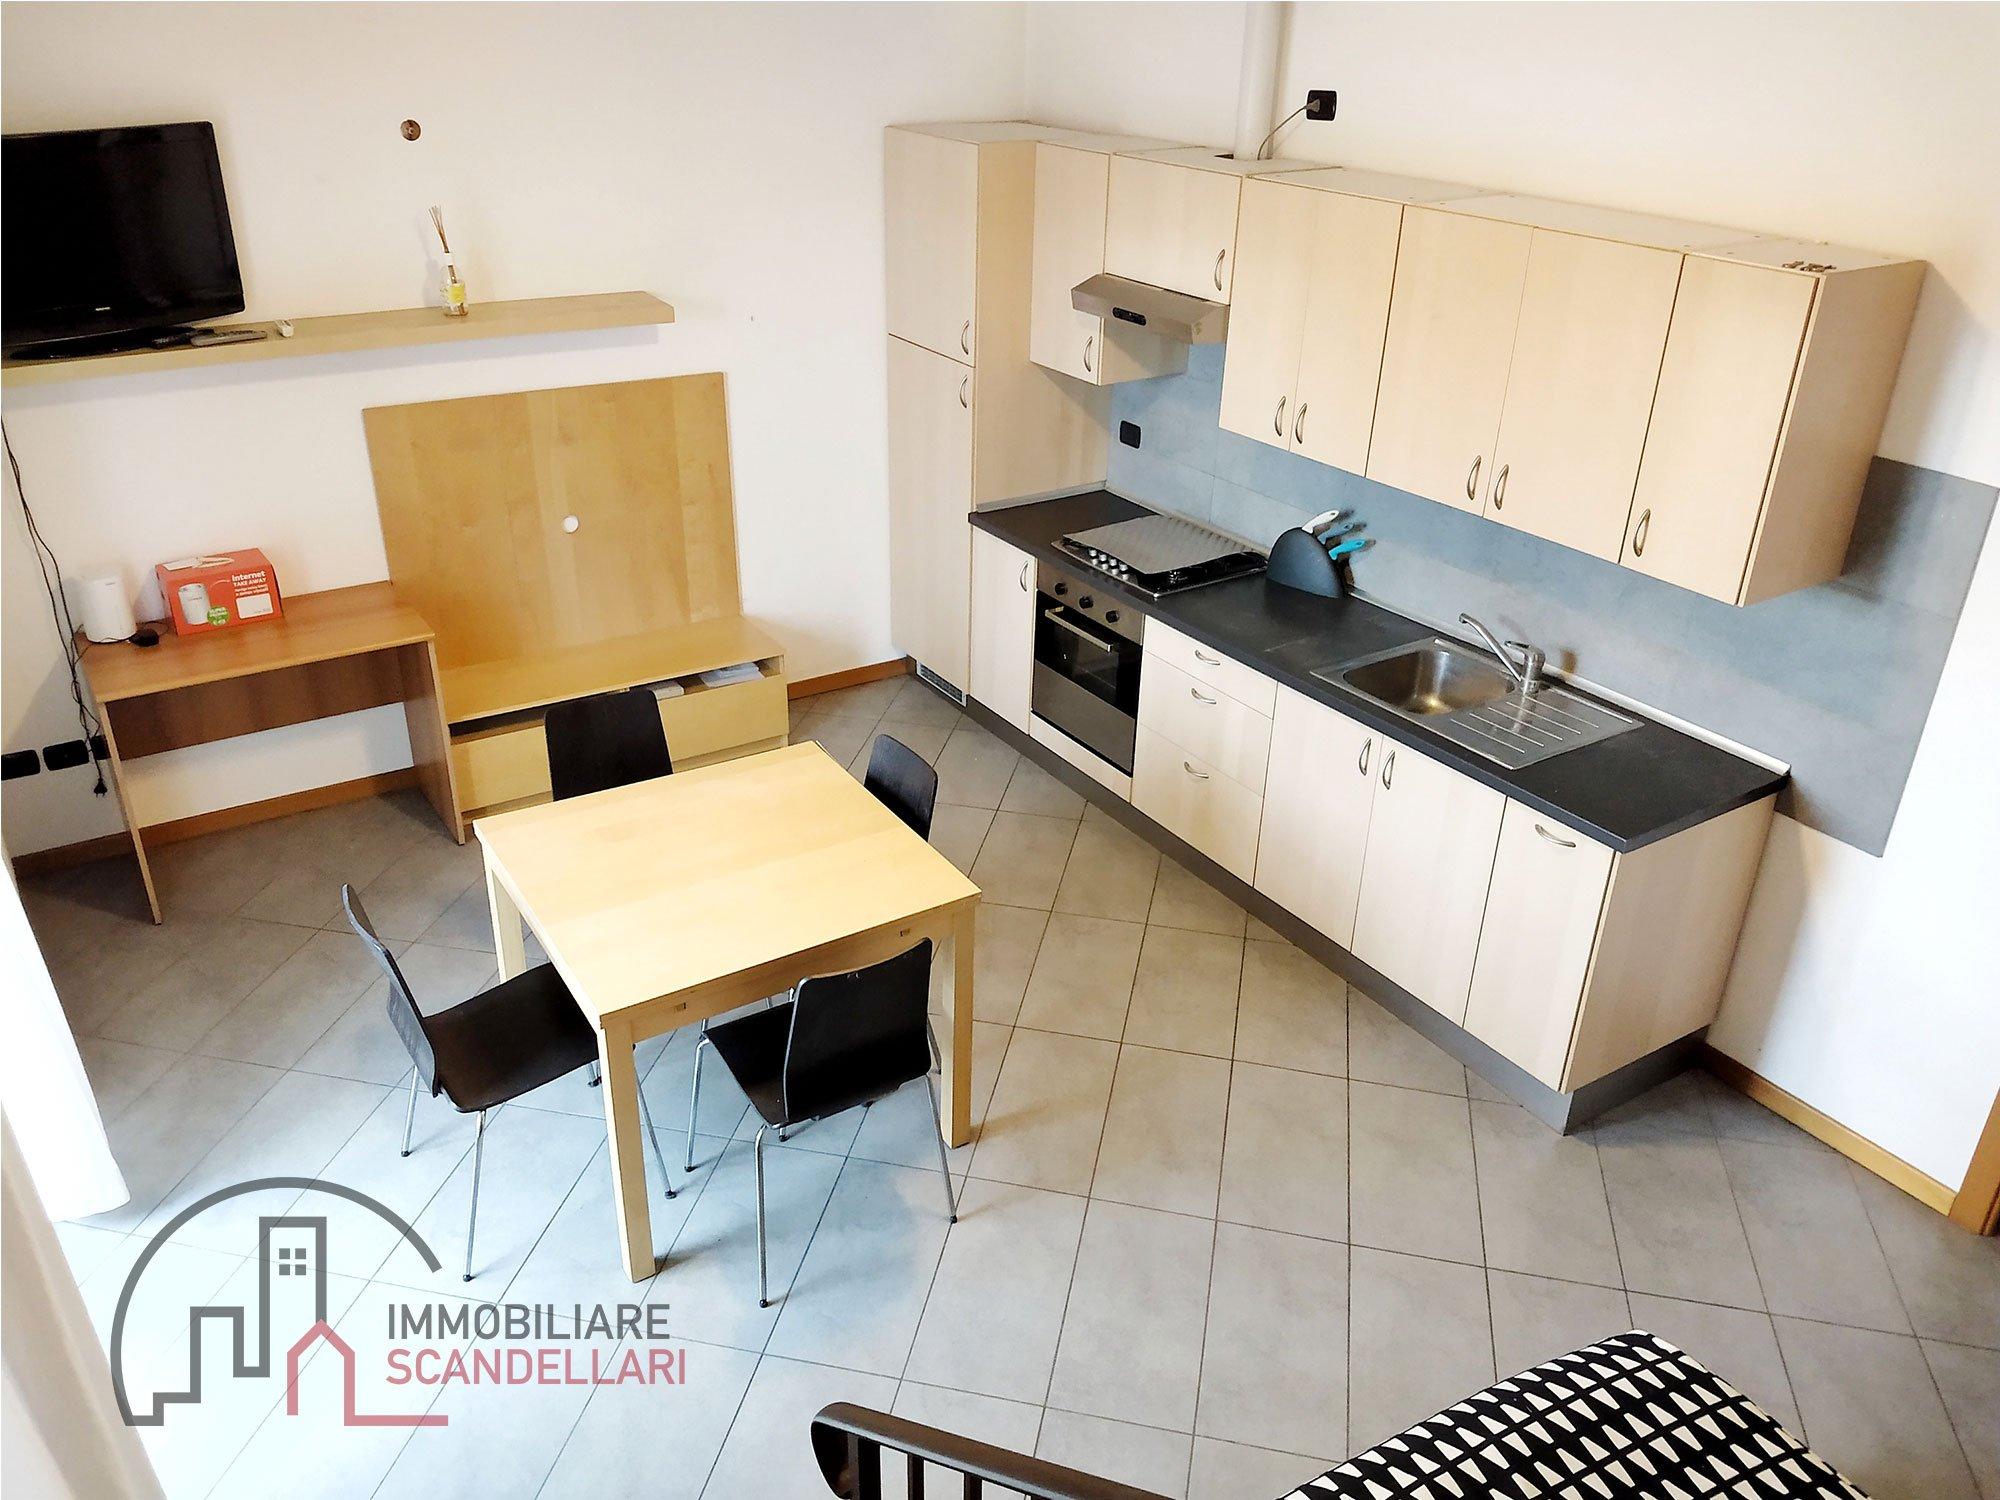 Rimini - Marina Centro - Appartamento recente su due livelli - Immobiliare Scandellari